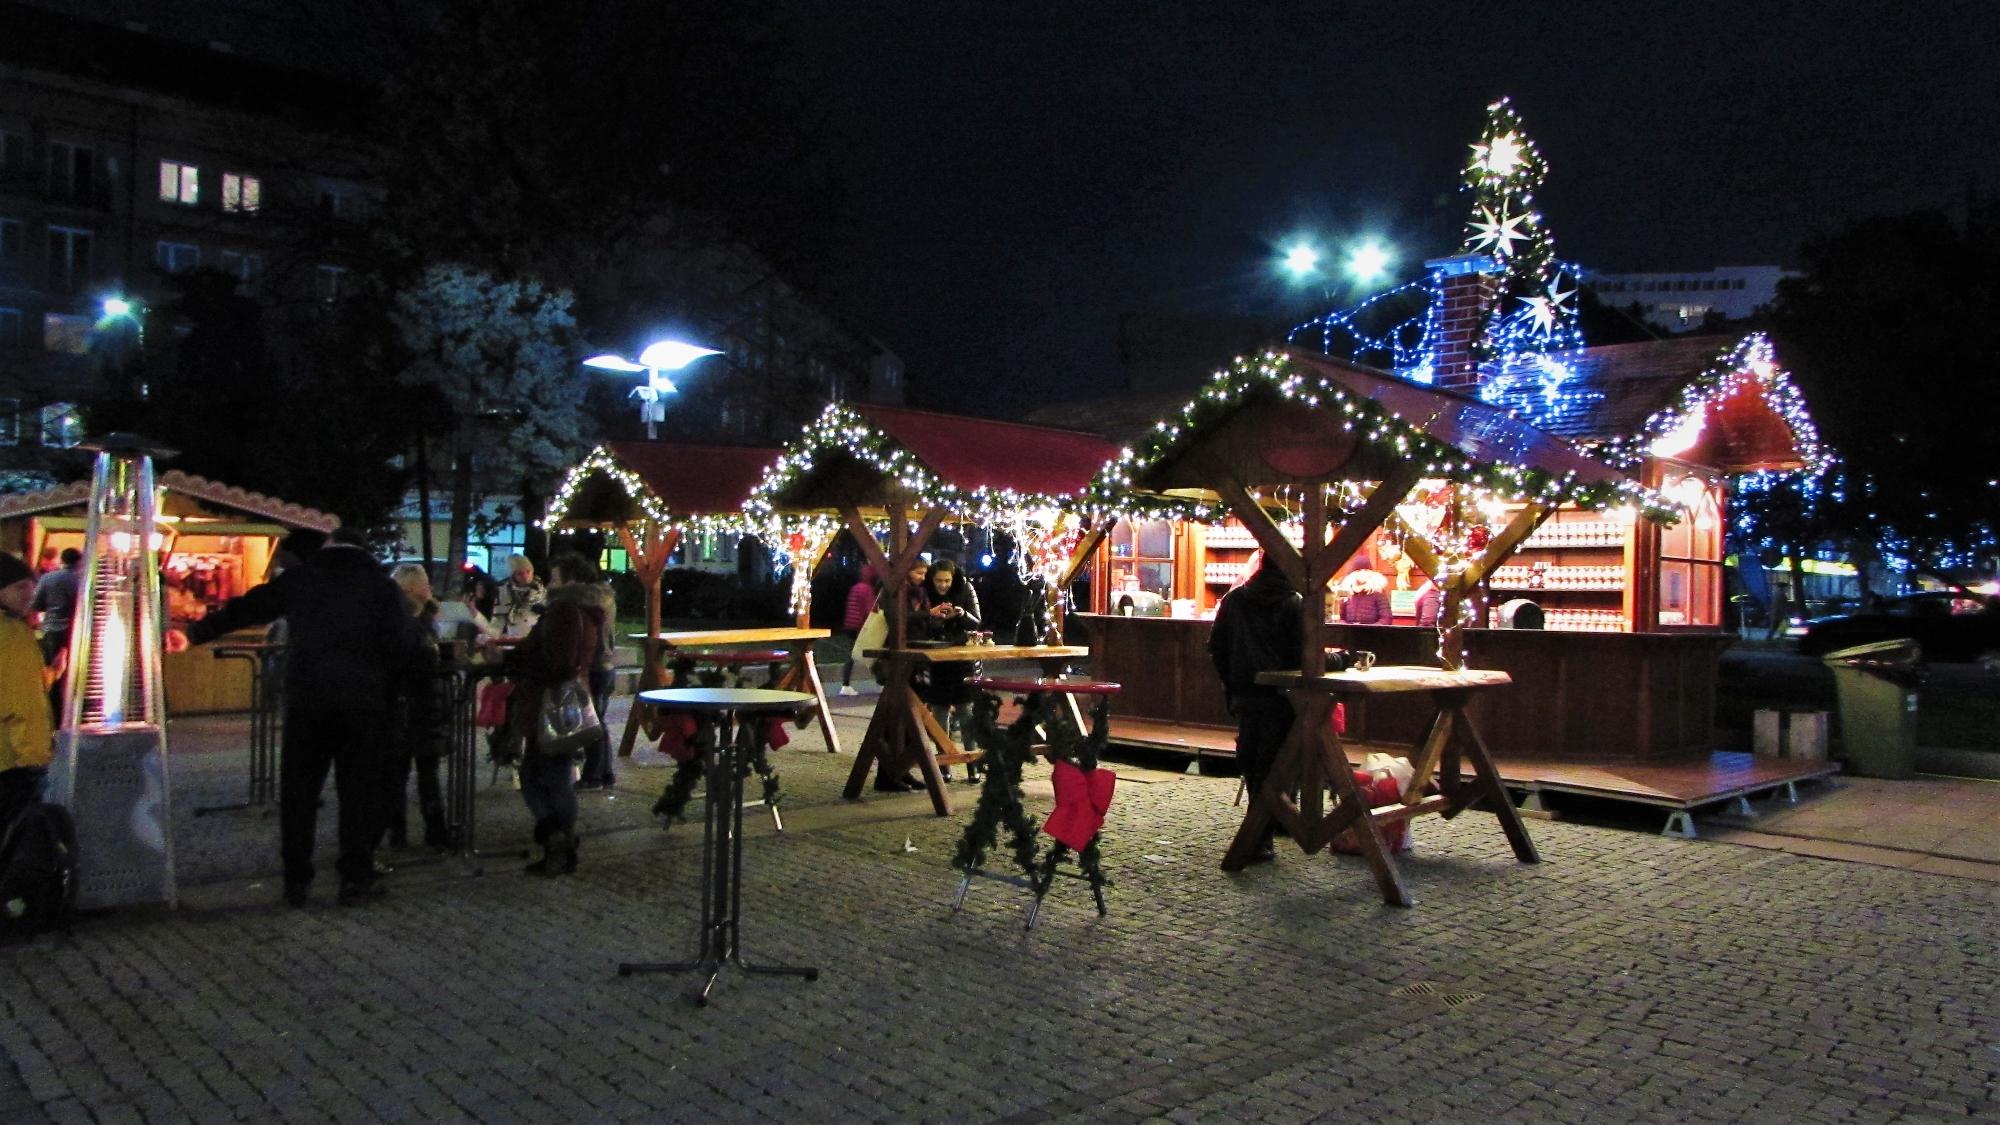 Szczeciński Jarmark Bożonarodzeniowy 2019